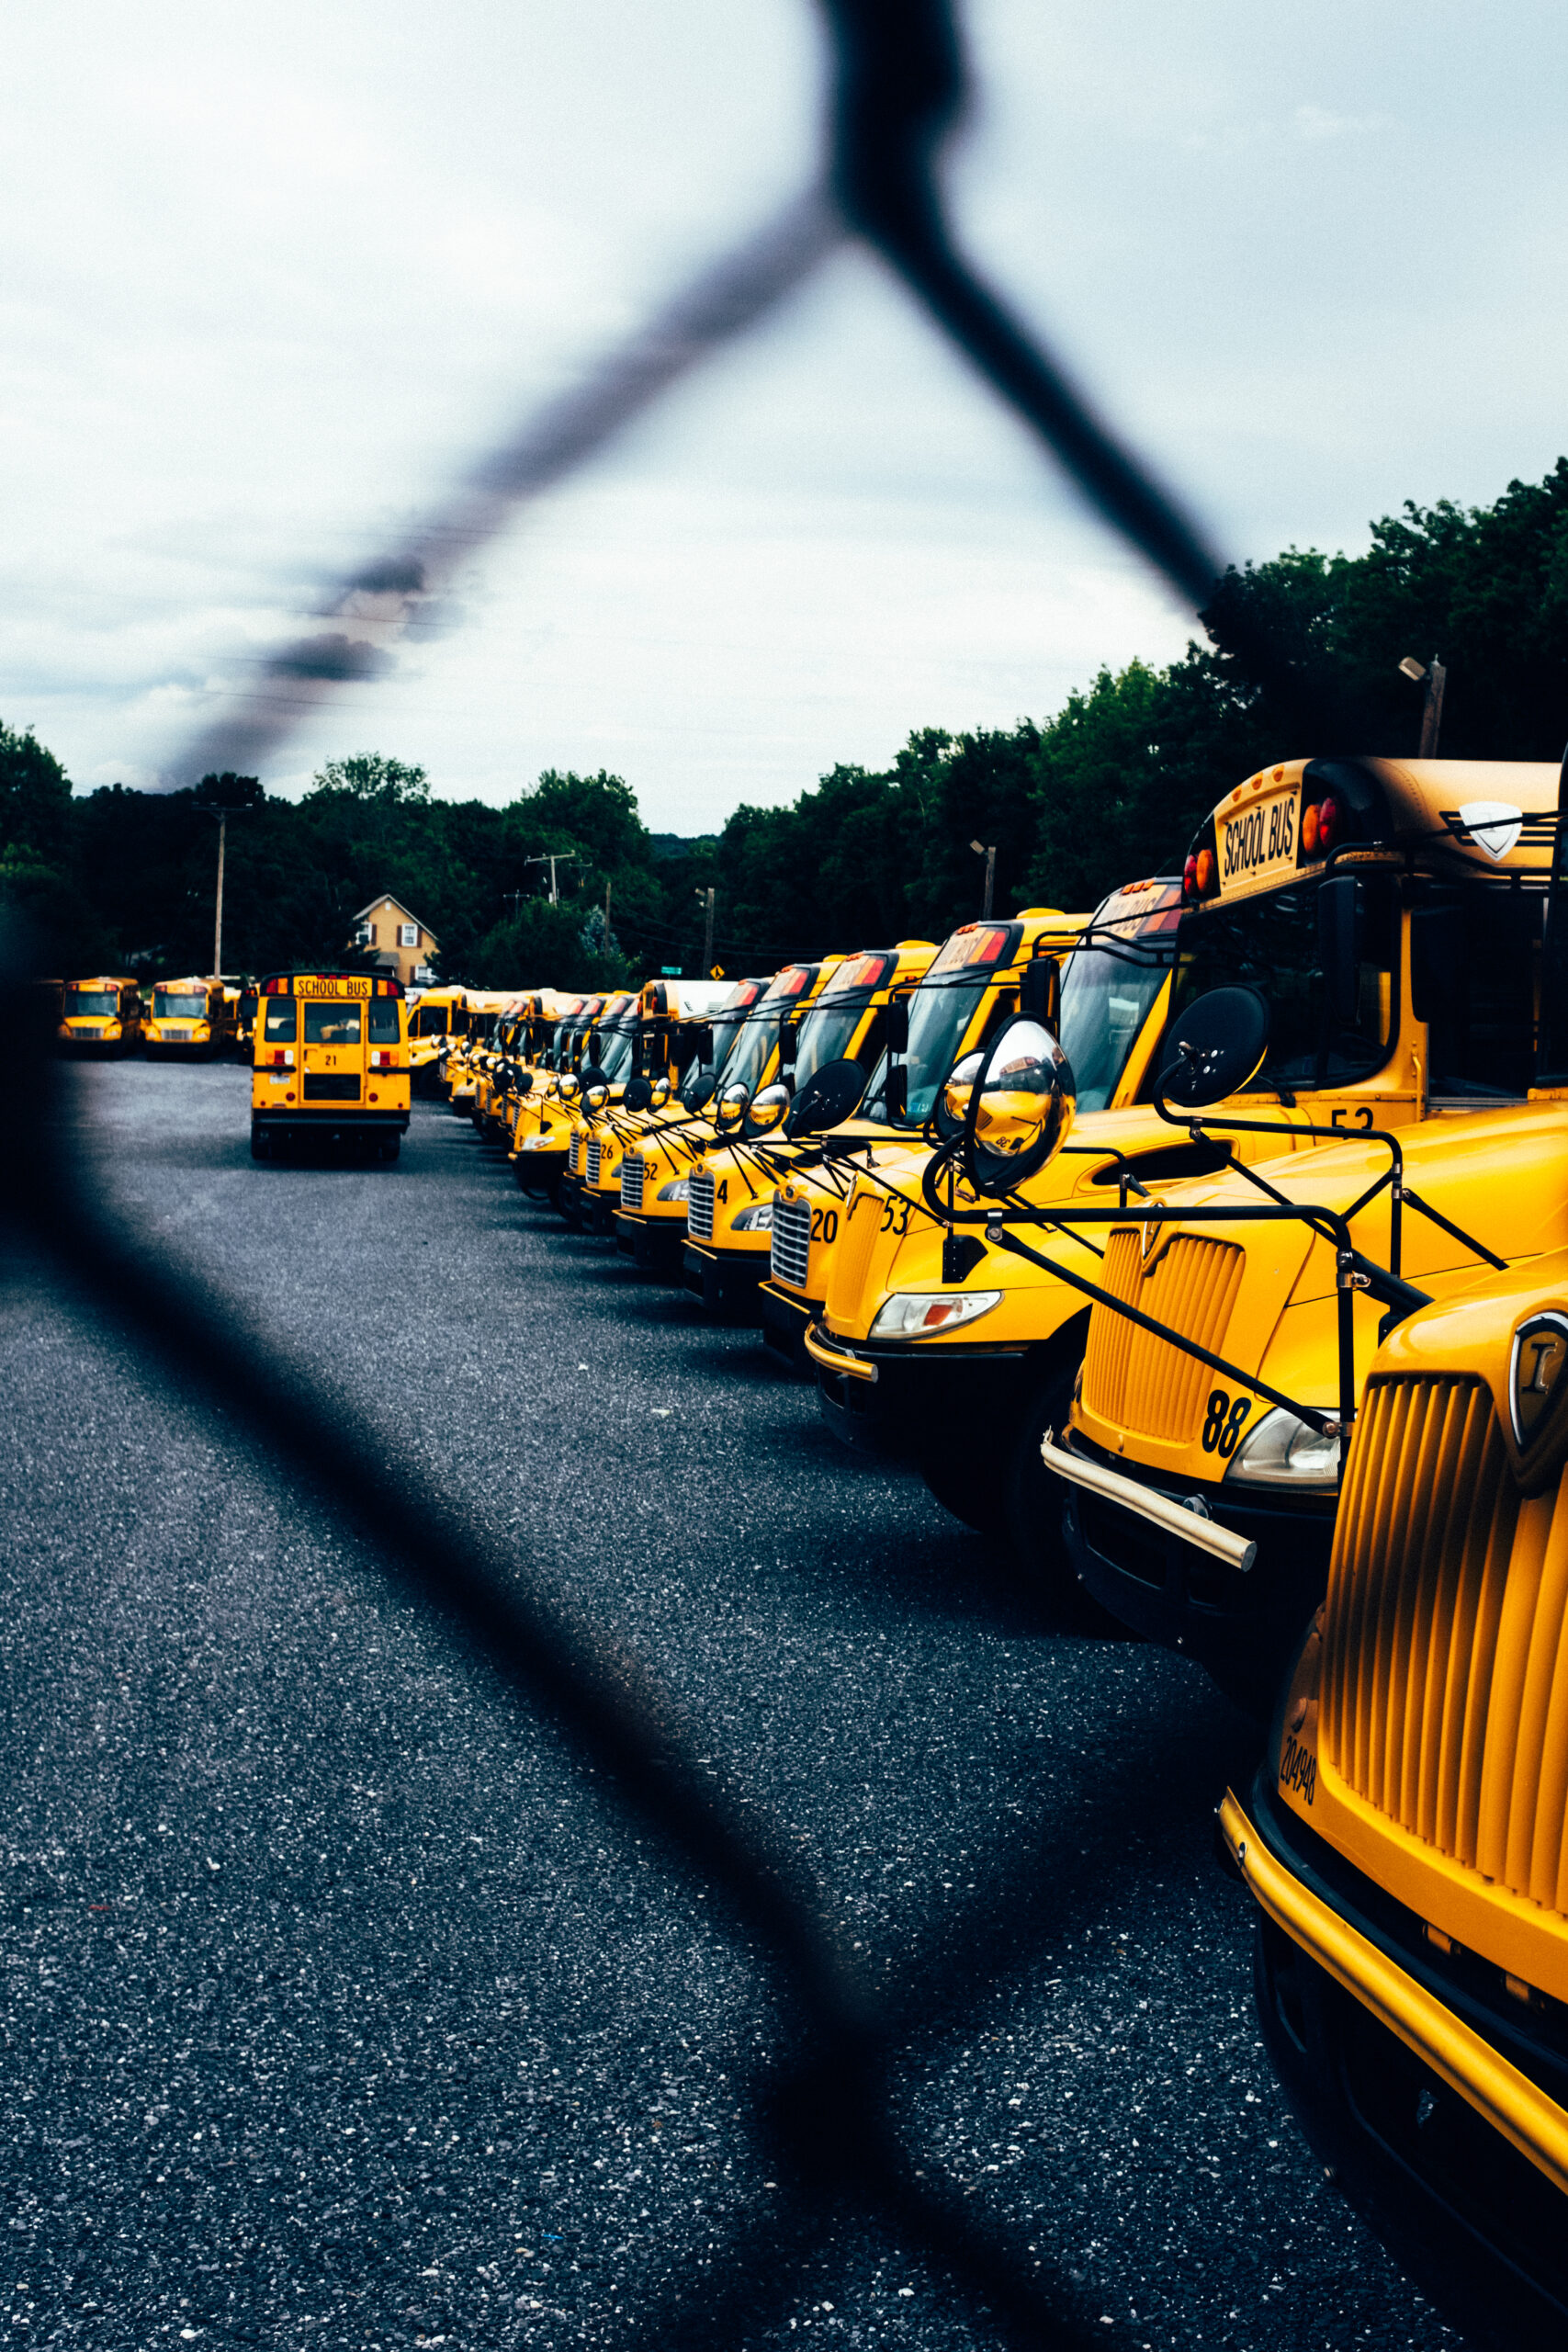 bus_jaune_école_grillages